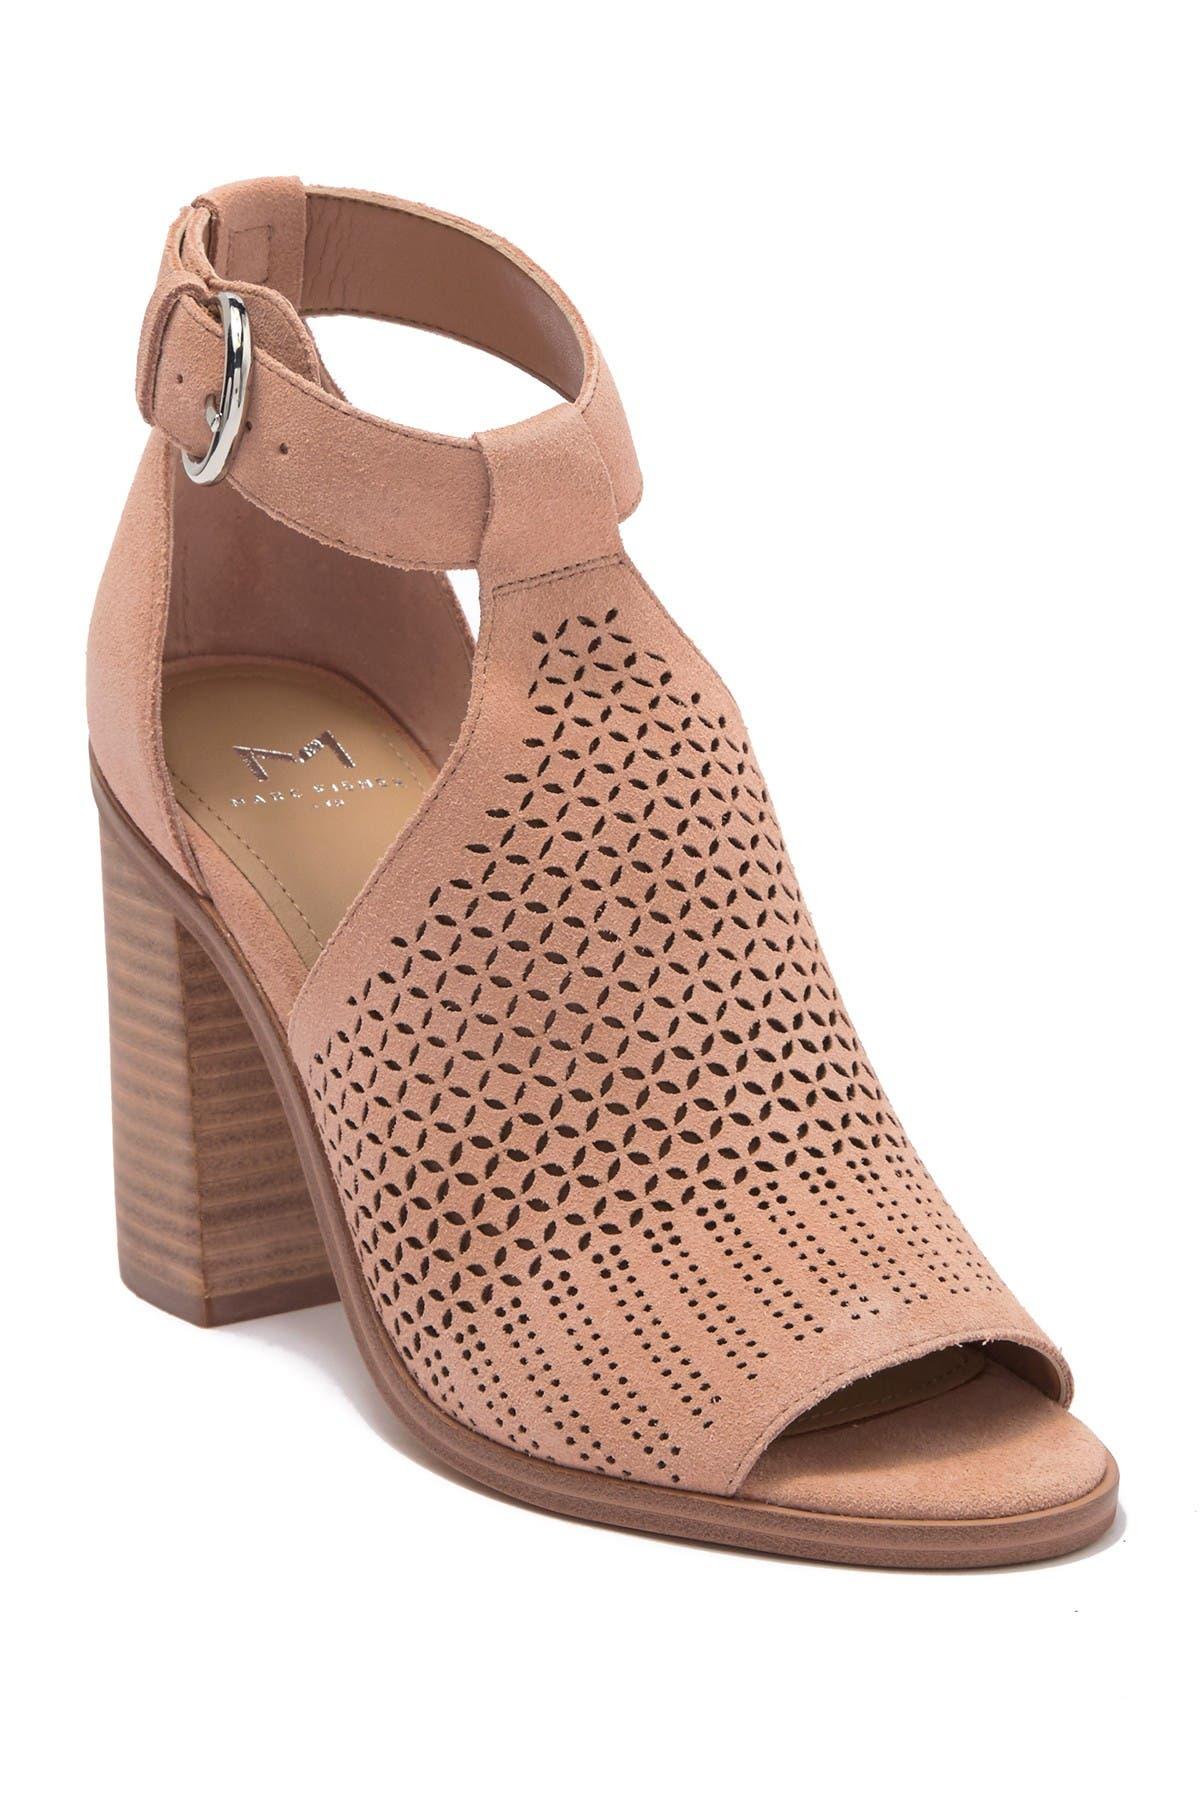 Image of Marc Fisher LTD Vixen Pepe Toe Sandal